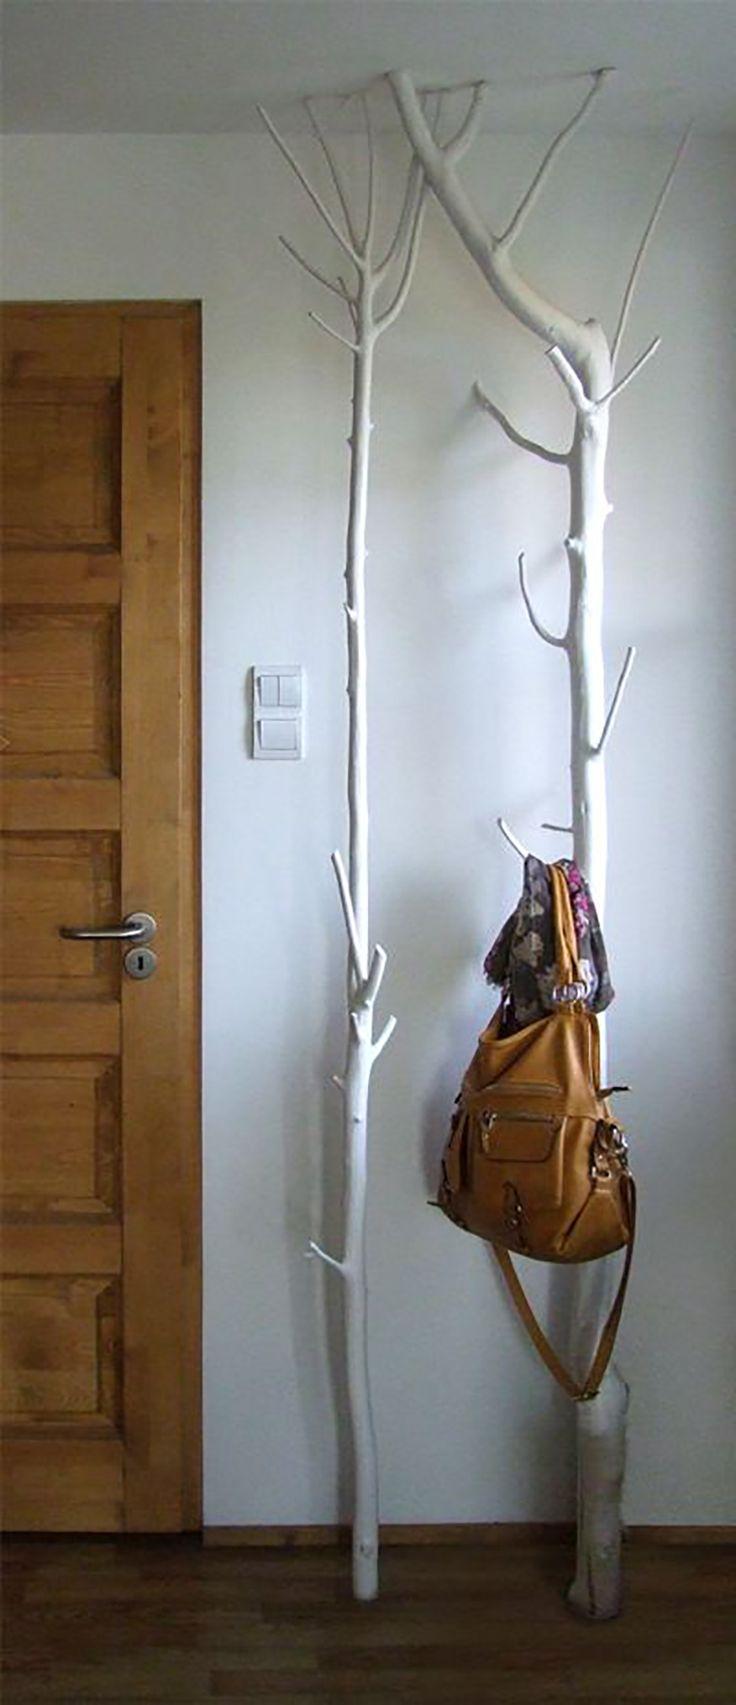 Natureza em todos os lugares na decoração - A Casa que a minha Vó queriaA Casa que a minha Vó queria